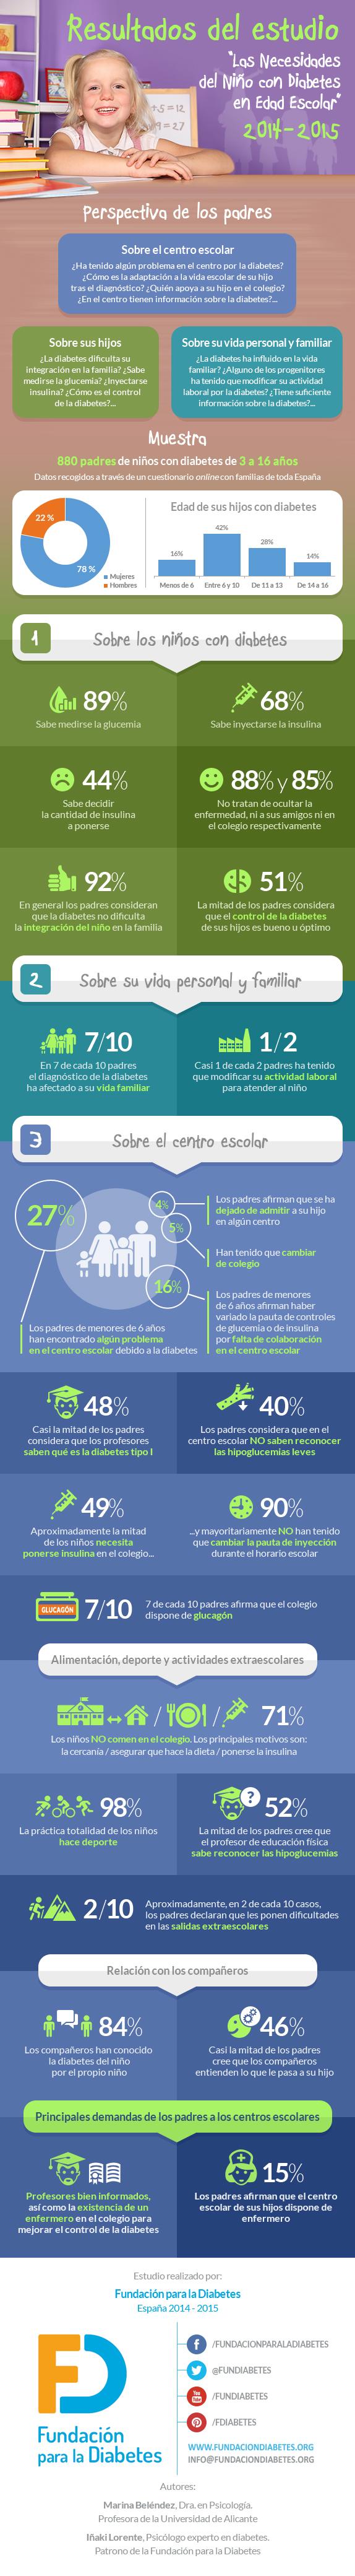 Infografía resumen de los resultados del estudio